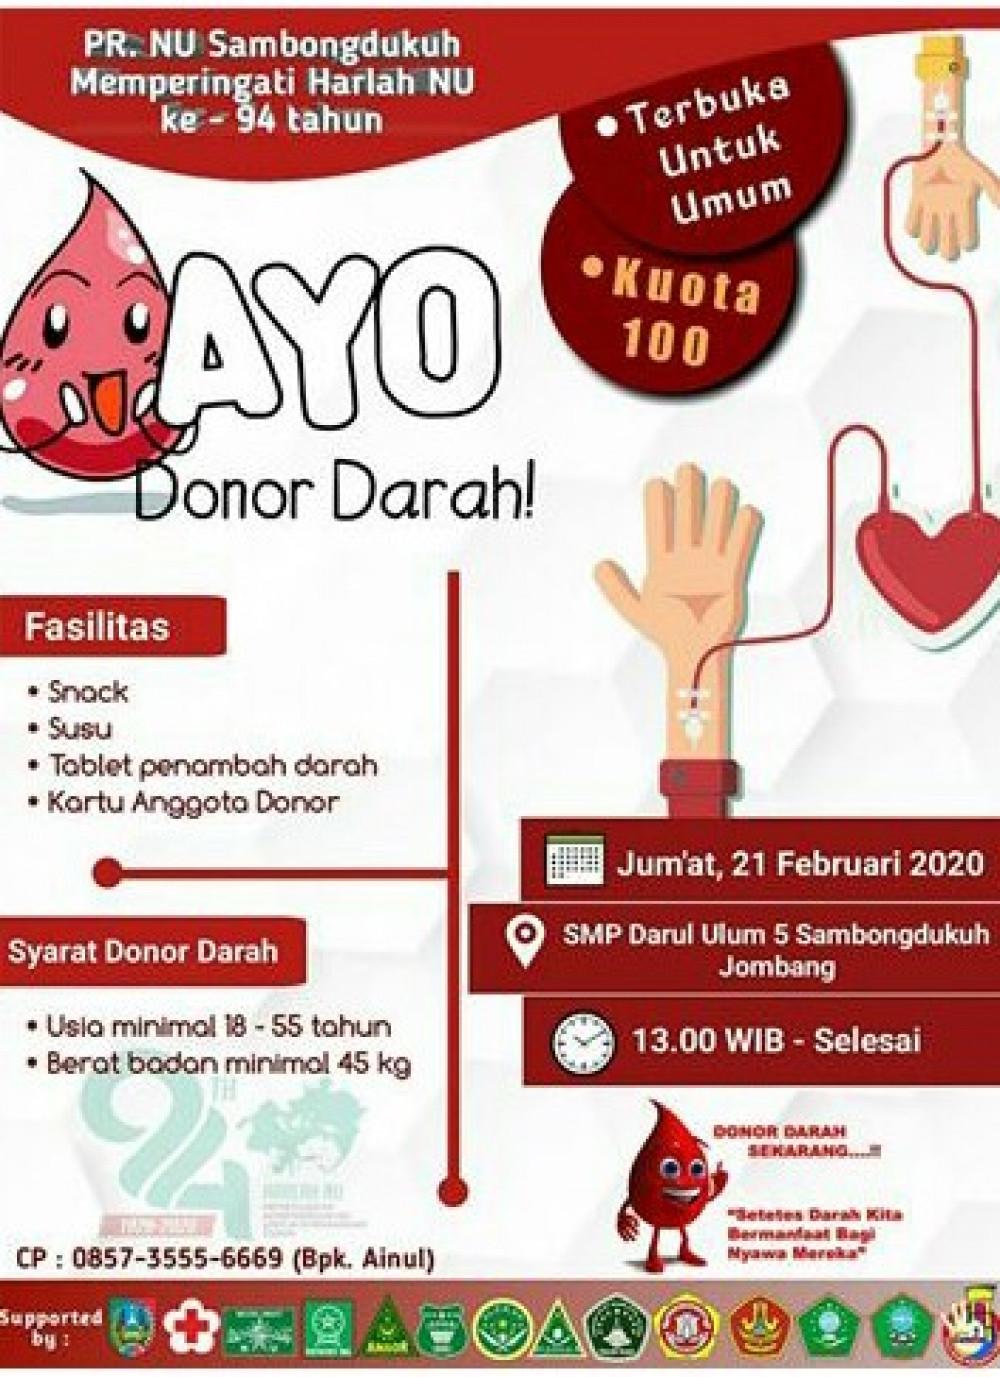 Donor Darah PR Sambongdukuh Jombang